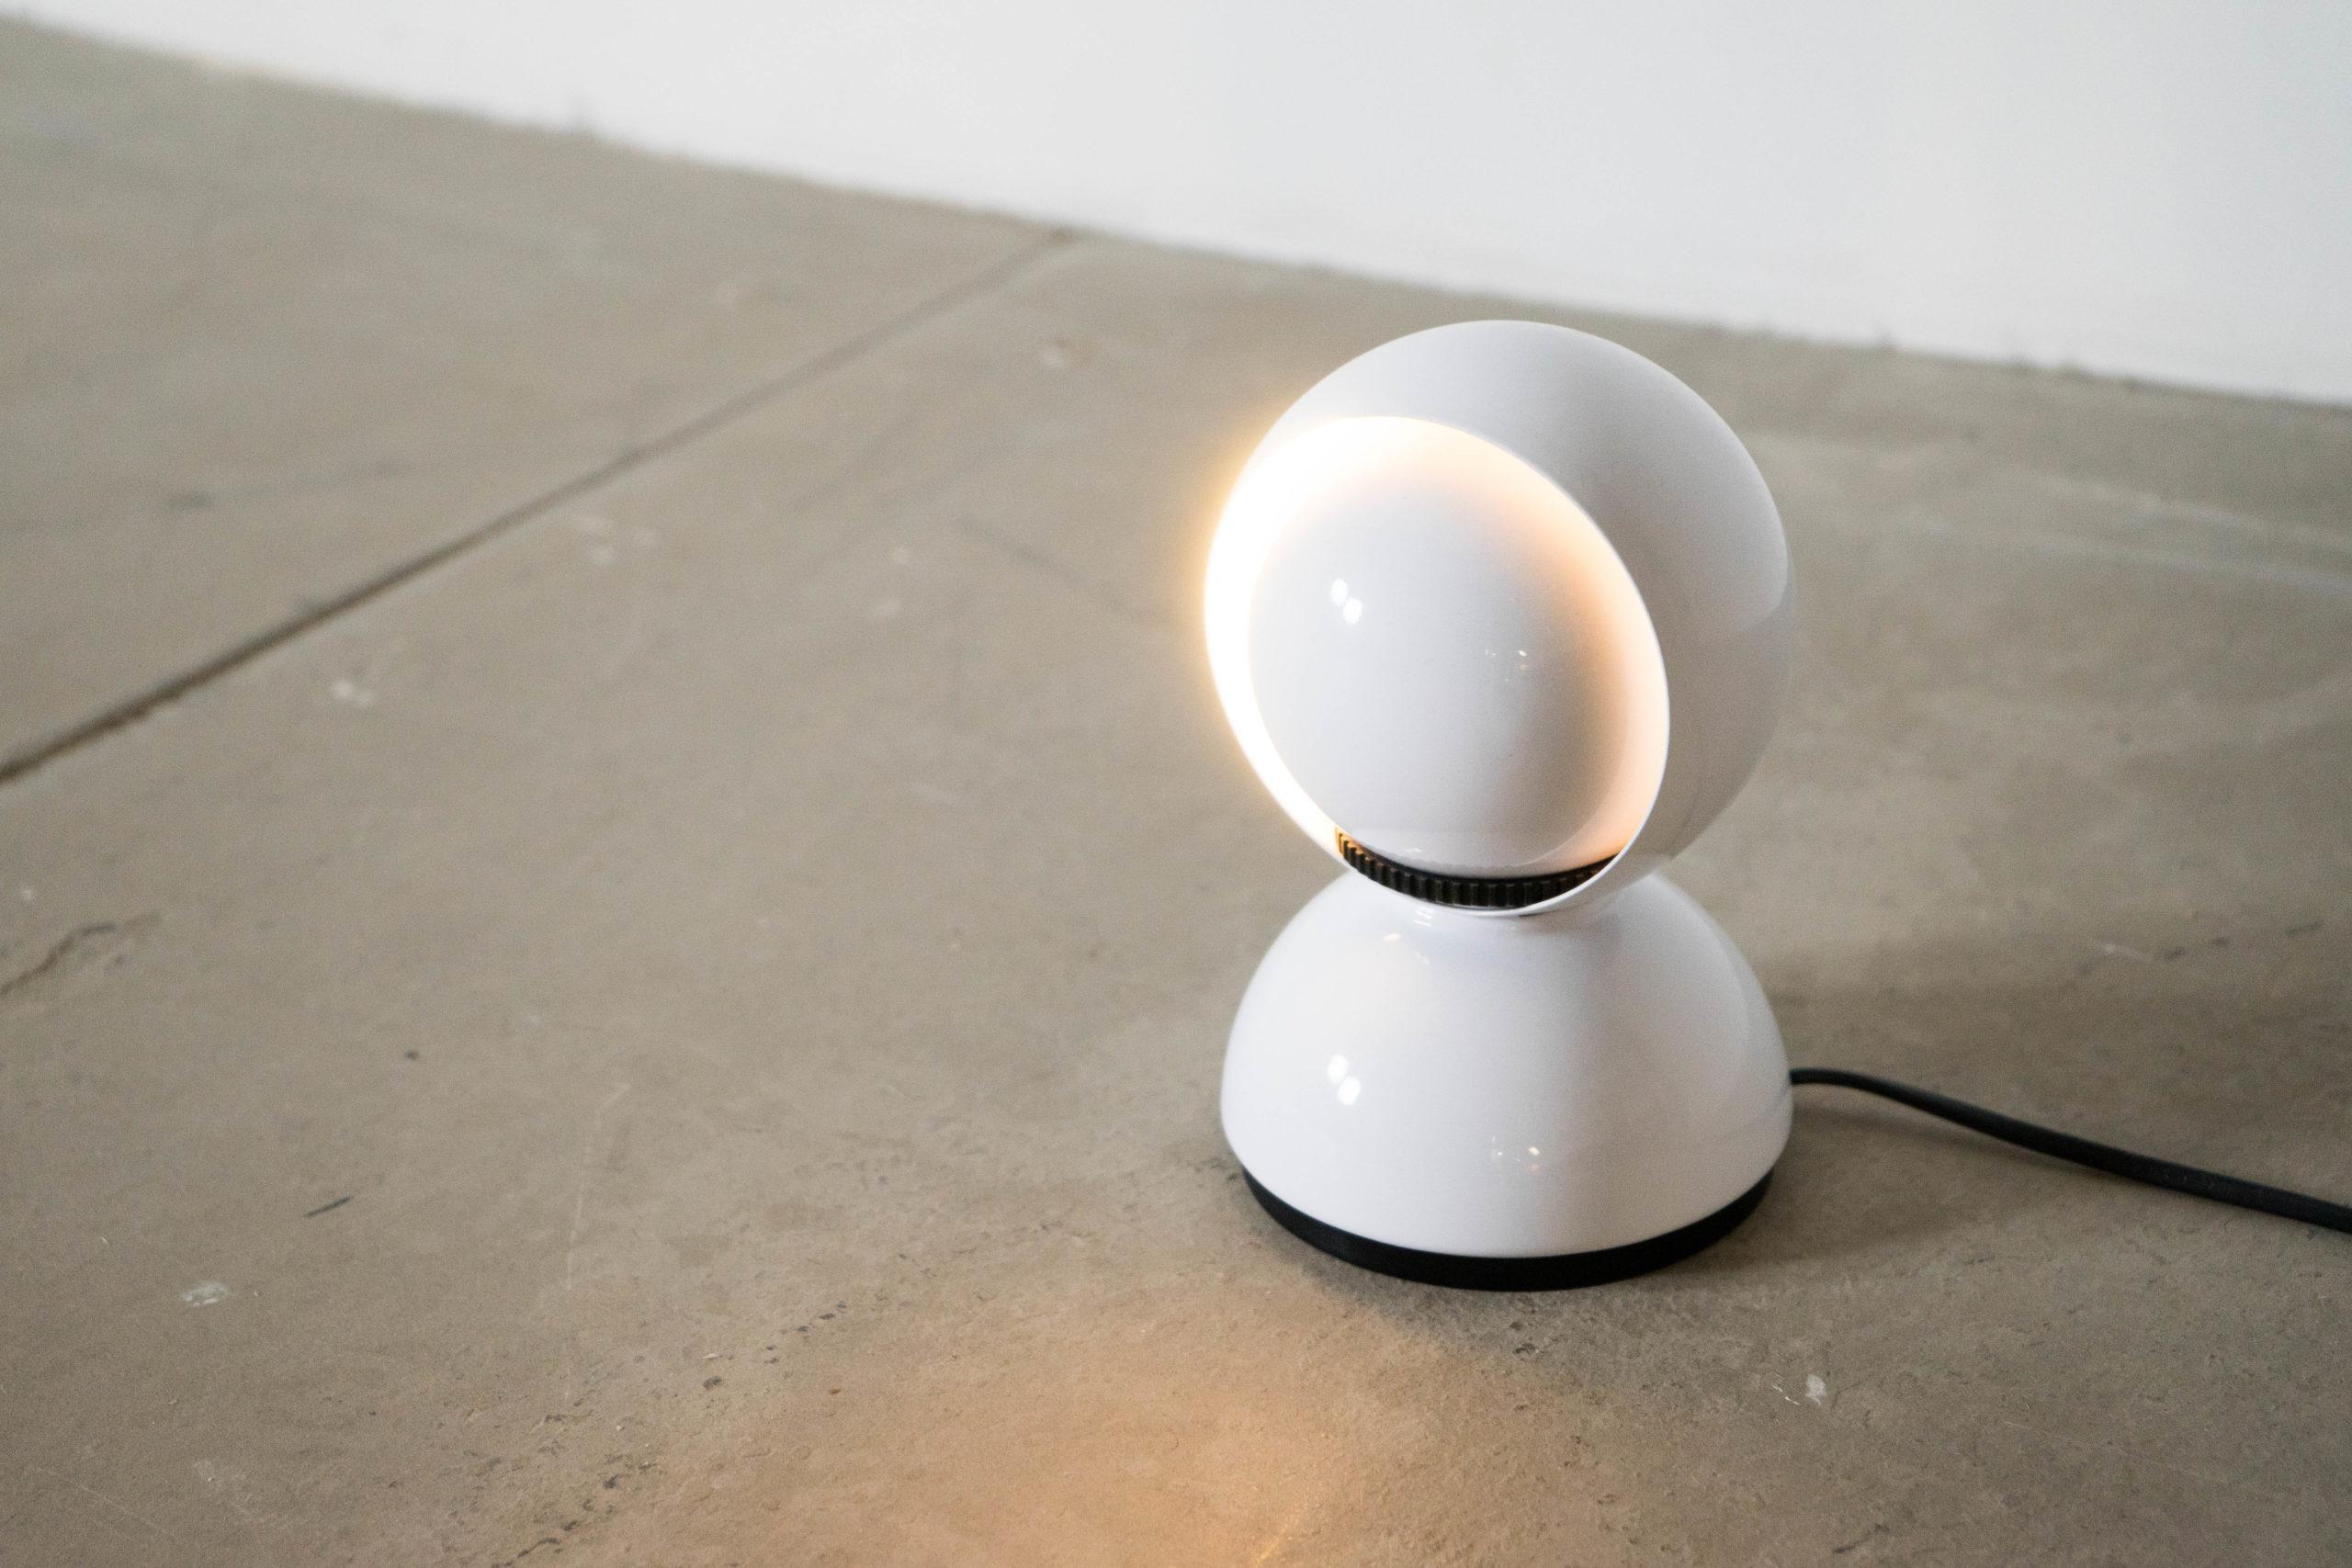 lampara de mesa eclisse vico magistretti